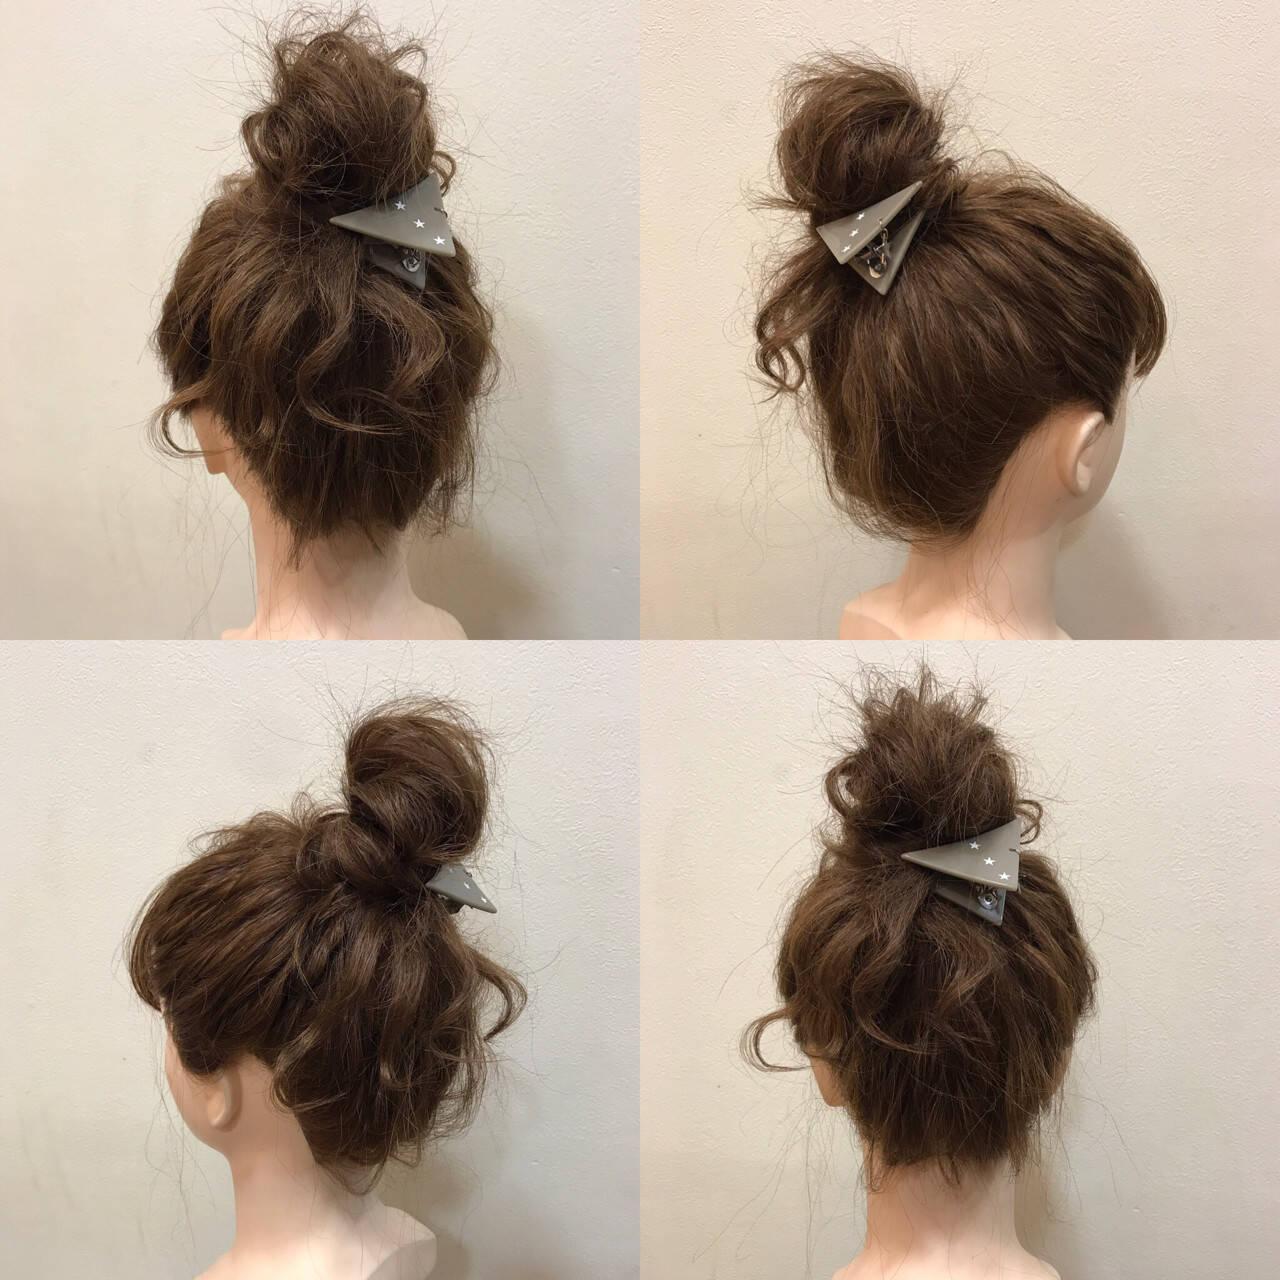 お団子 ミディアム 波ウェーブ ヘアアレンジヘアスタイルや髪型の写真・画像